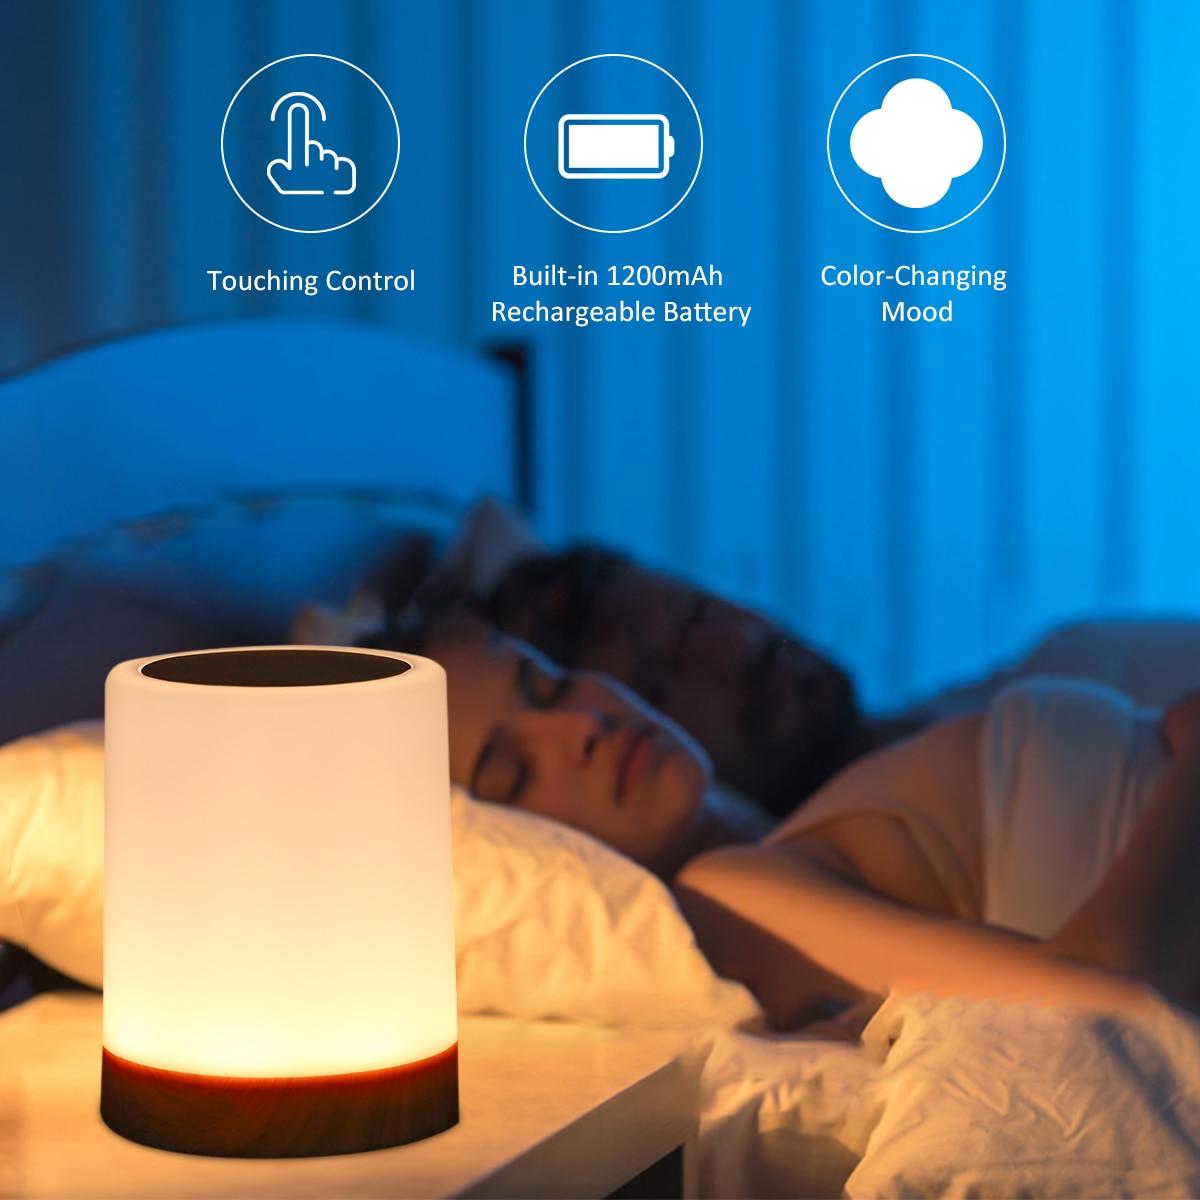 Lampe de chevet tactile Rechargeable par USB, lumière à intensité réglable, lumière blanche chaude, RGB, pour salon, chambre à coucher et bureau